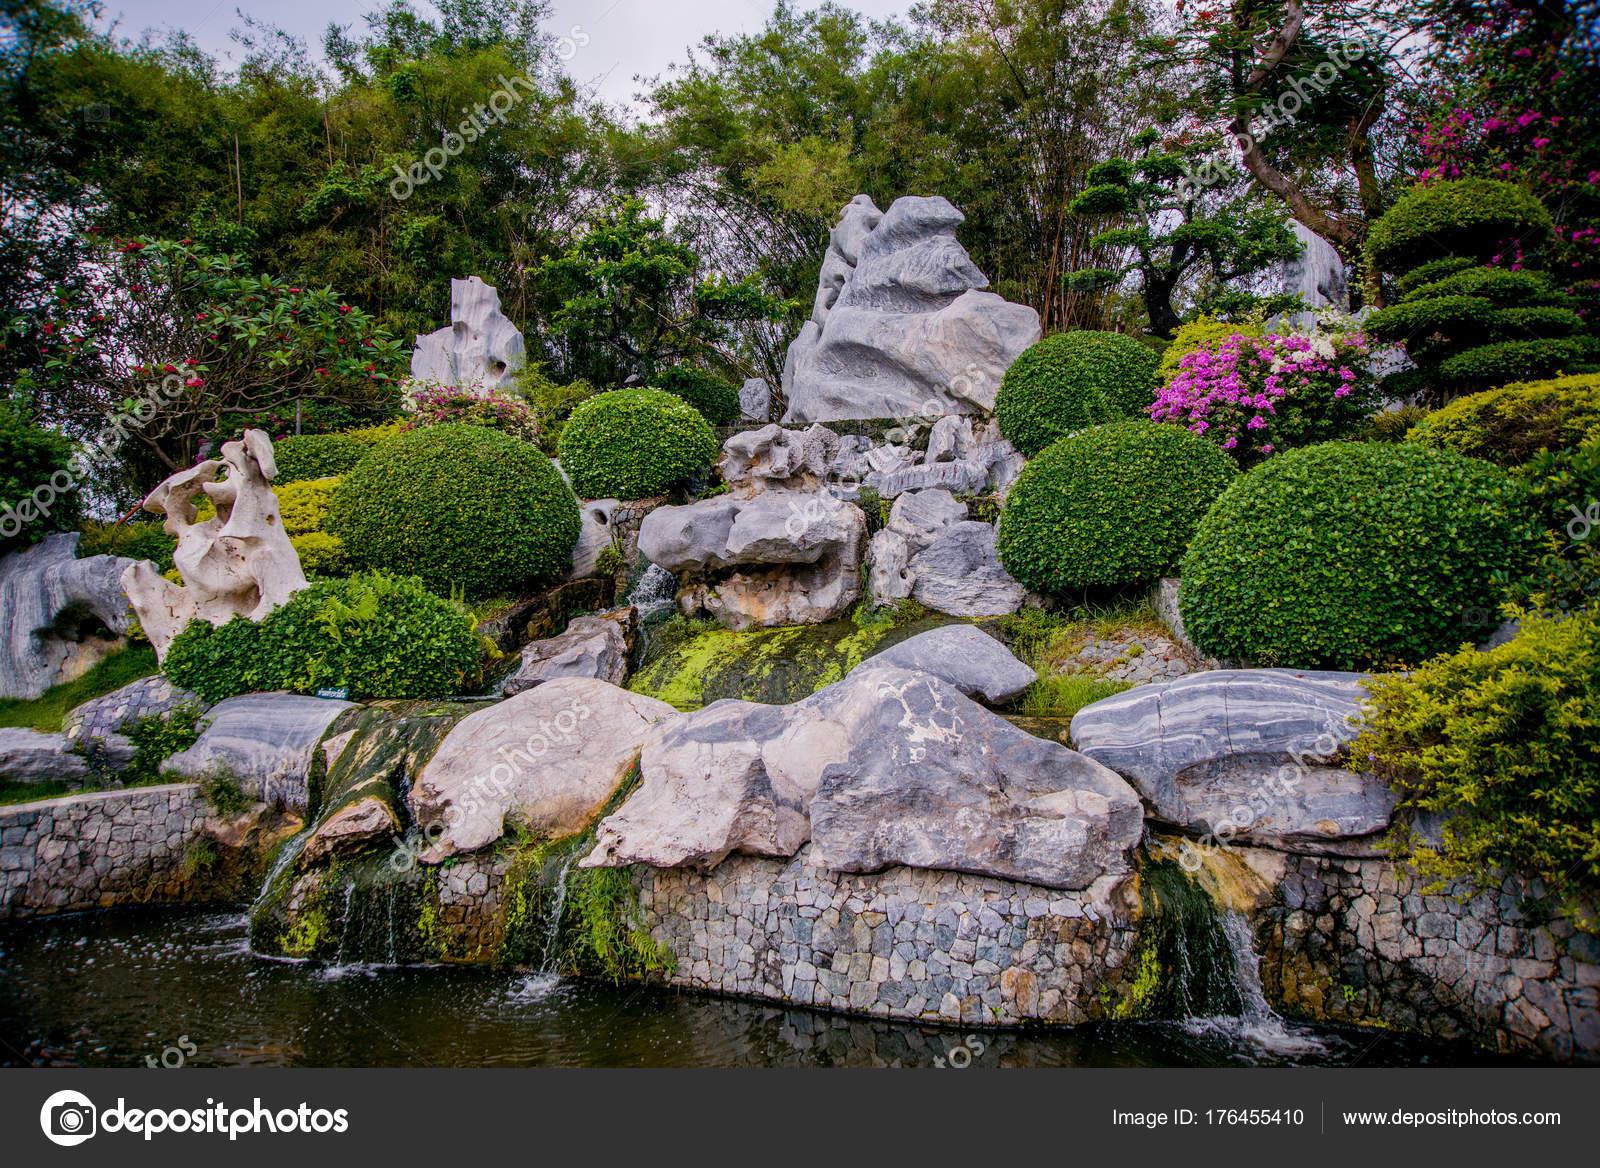 Schone Asiatische Landschaft Traditionelle Architektur Und